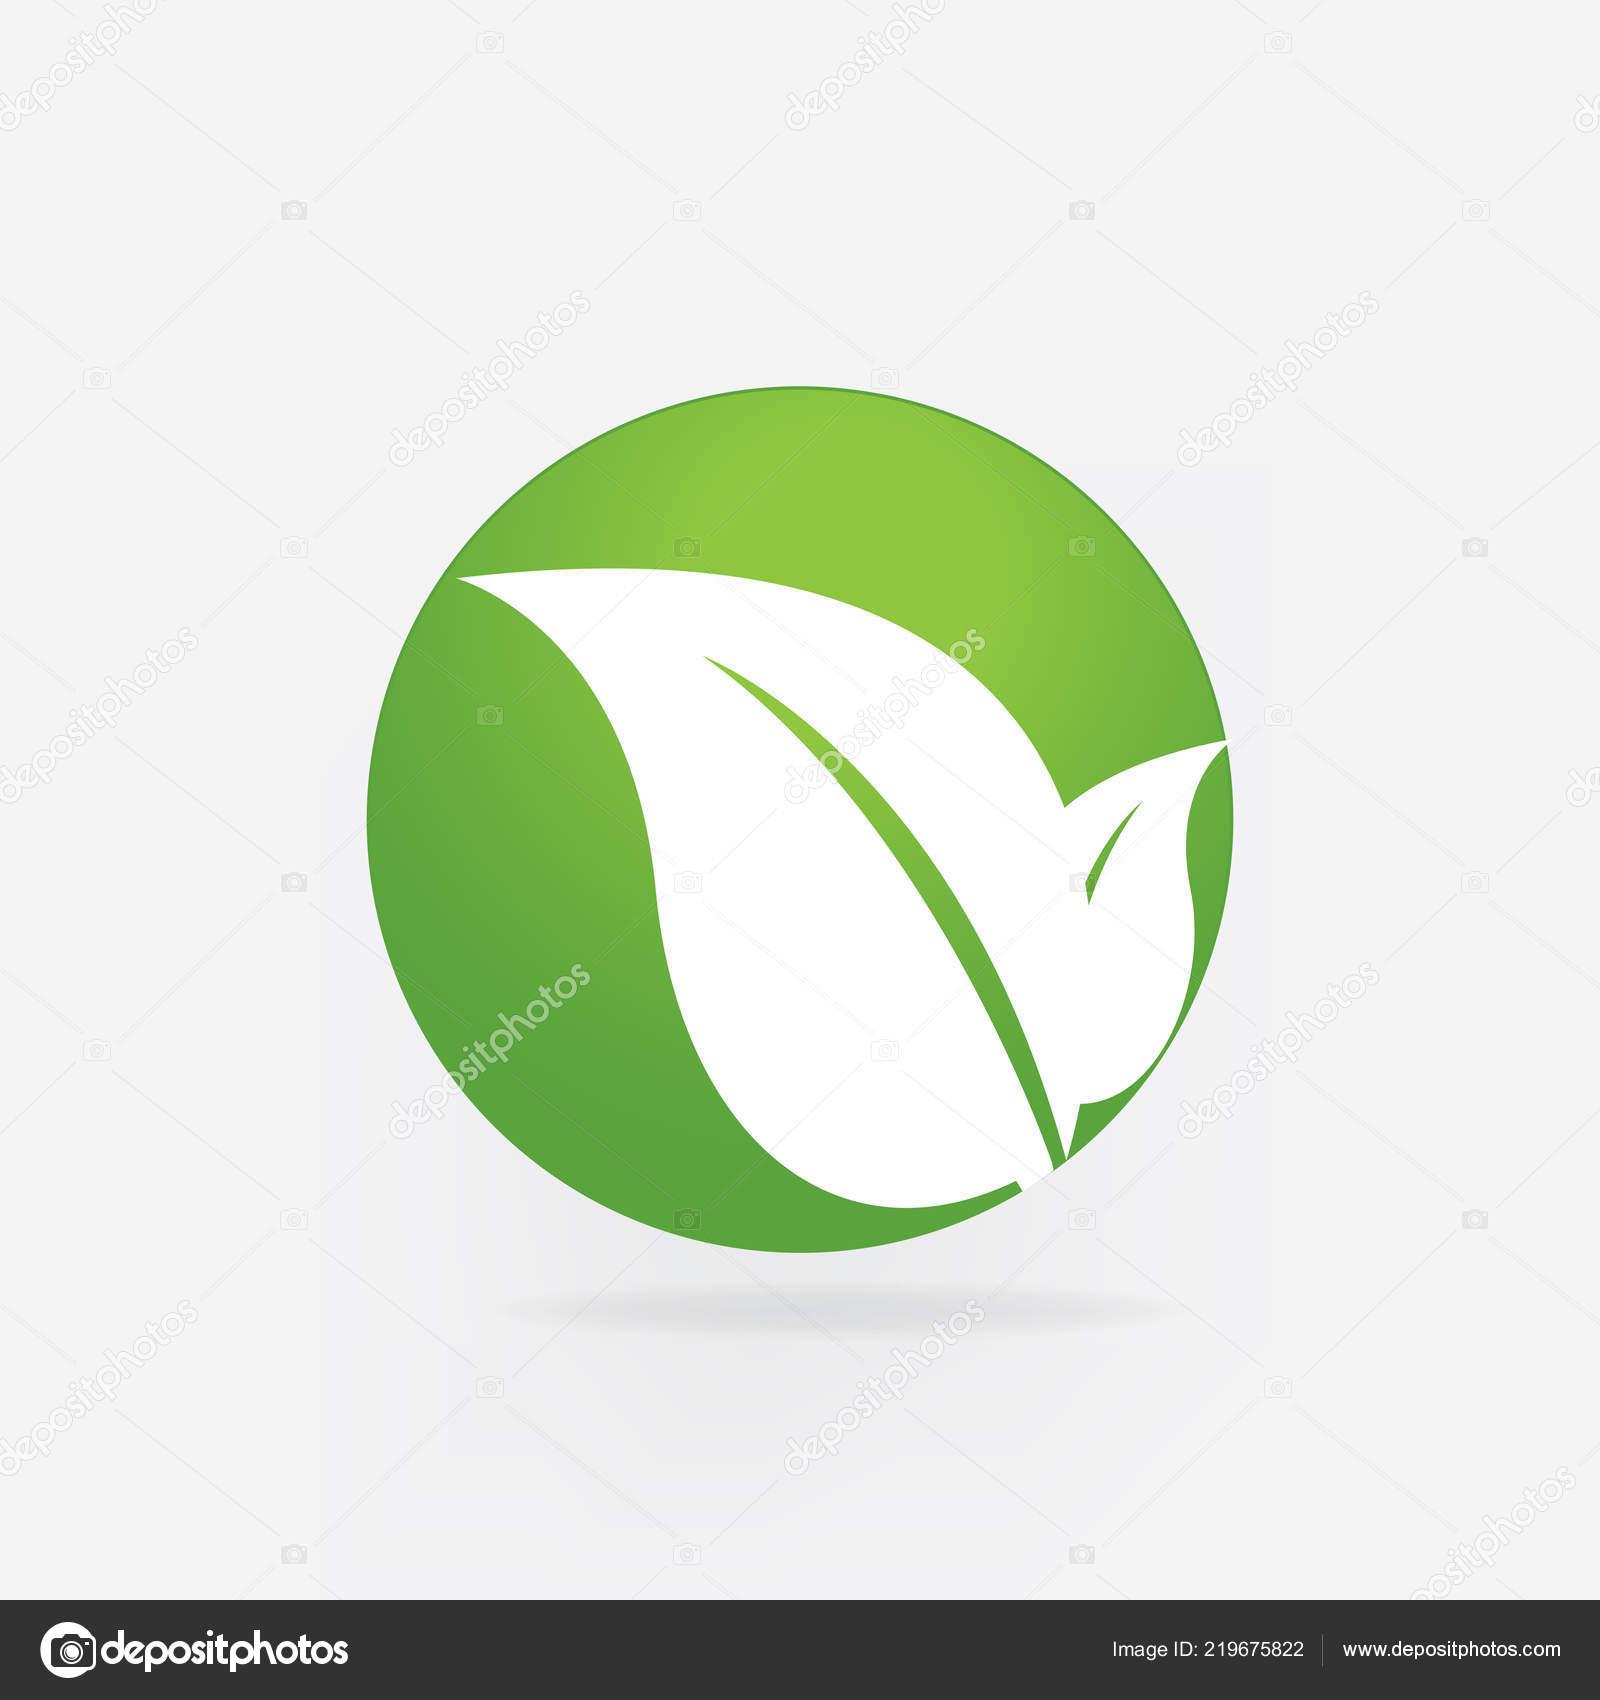 Les Leafs De Logo Image Vectorielle Sante Nature Identite Carte Visite Illustration Stock